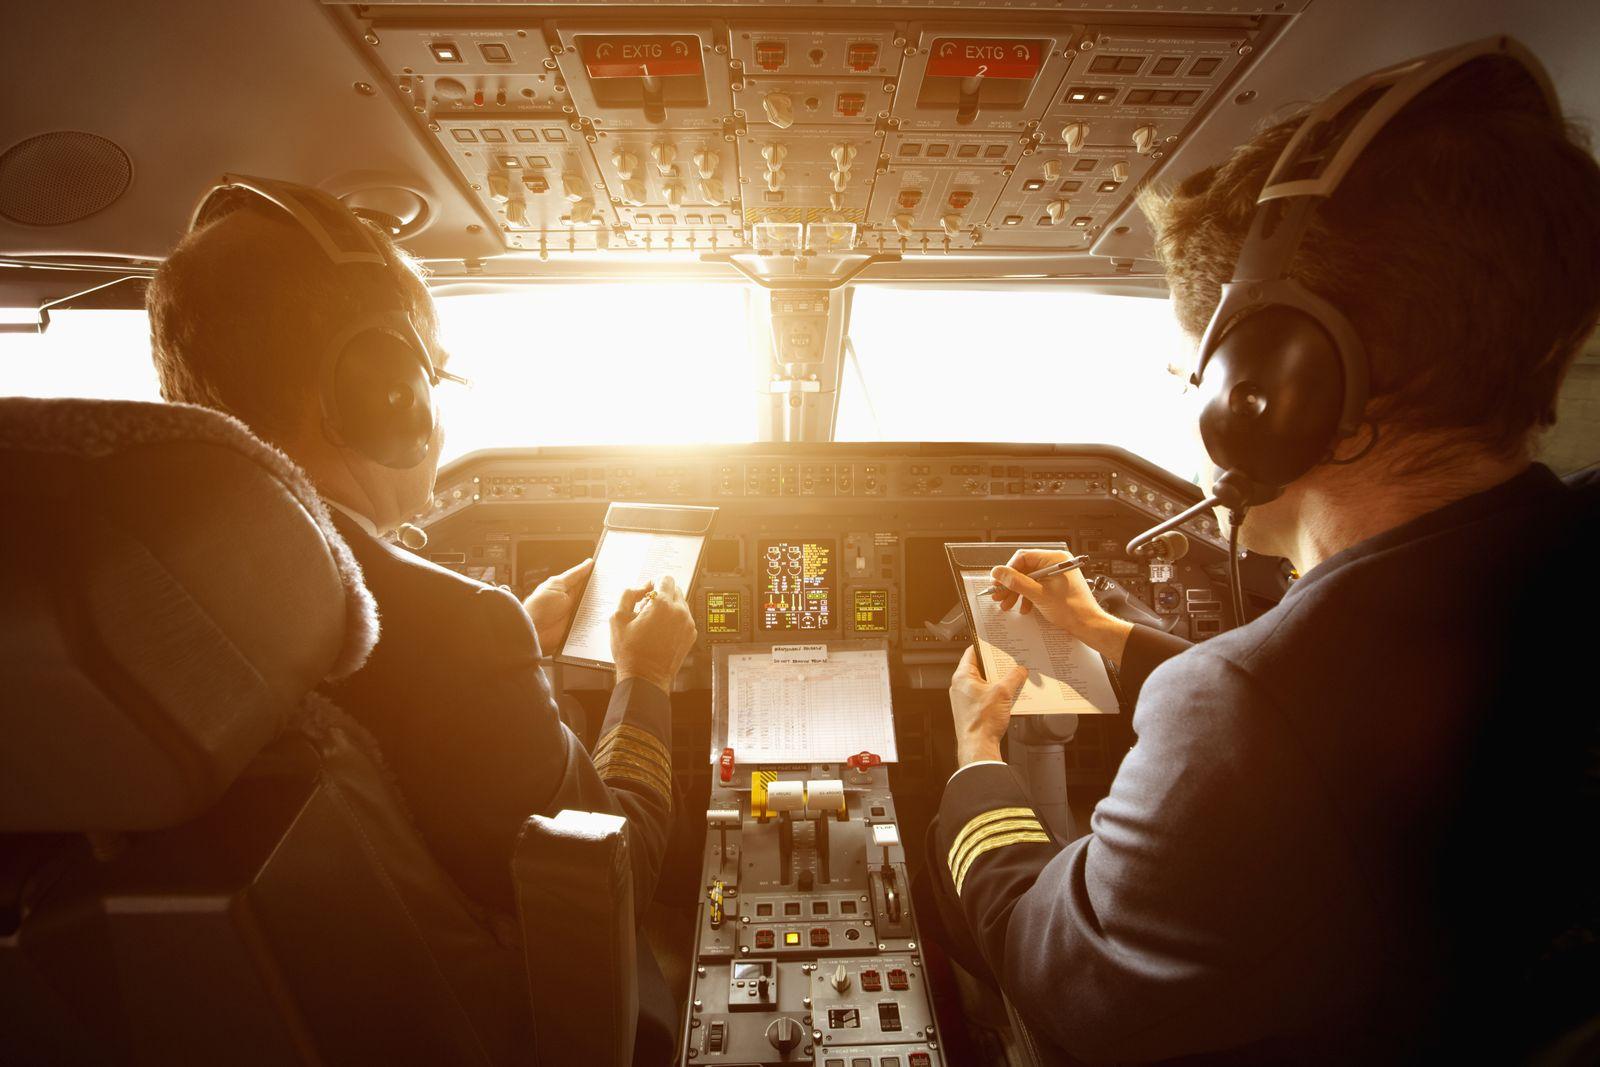 NICHT MEHR VERWENDEN! - Cockpit / Piloten